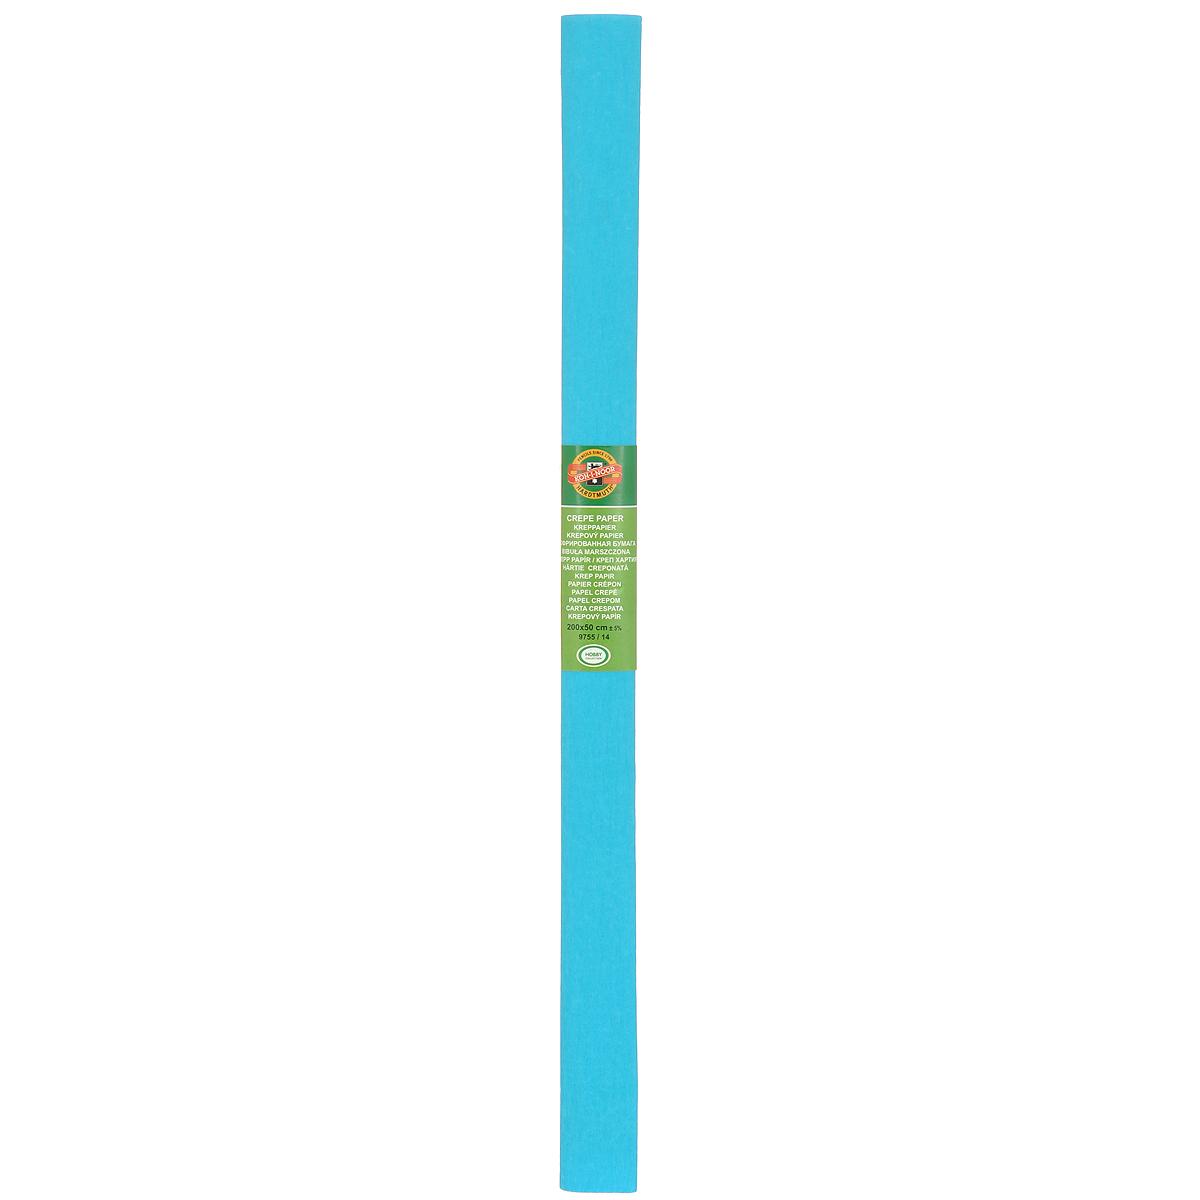 Бумага гофрированная Koh-I-Noor, цвет: голубой, 50 см x 2 м9755/14Гофрированная бумага Koh-I-Noor - прекрасный материал для декорирования, изготовления эффектной упаковки и различных поделок. Бумага прекрасно держит форму, не пачкает руки, отлично крепится и замечательно подходит для изготовления праздничной упаковки для цветов.